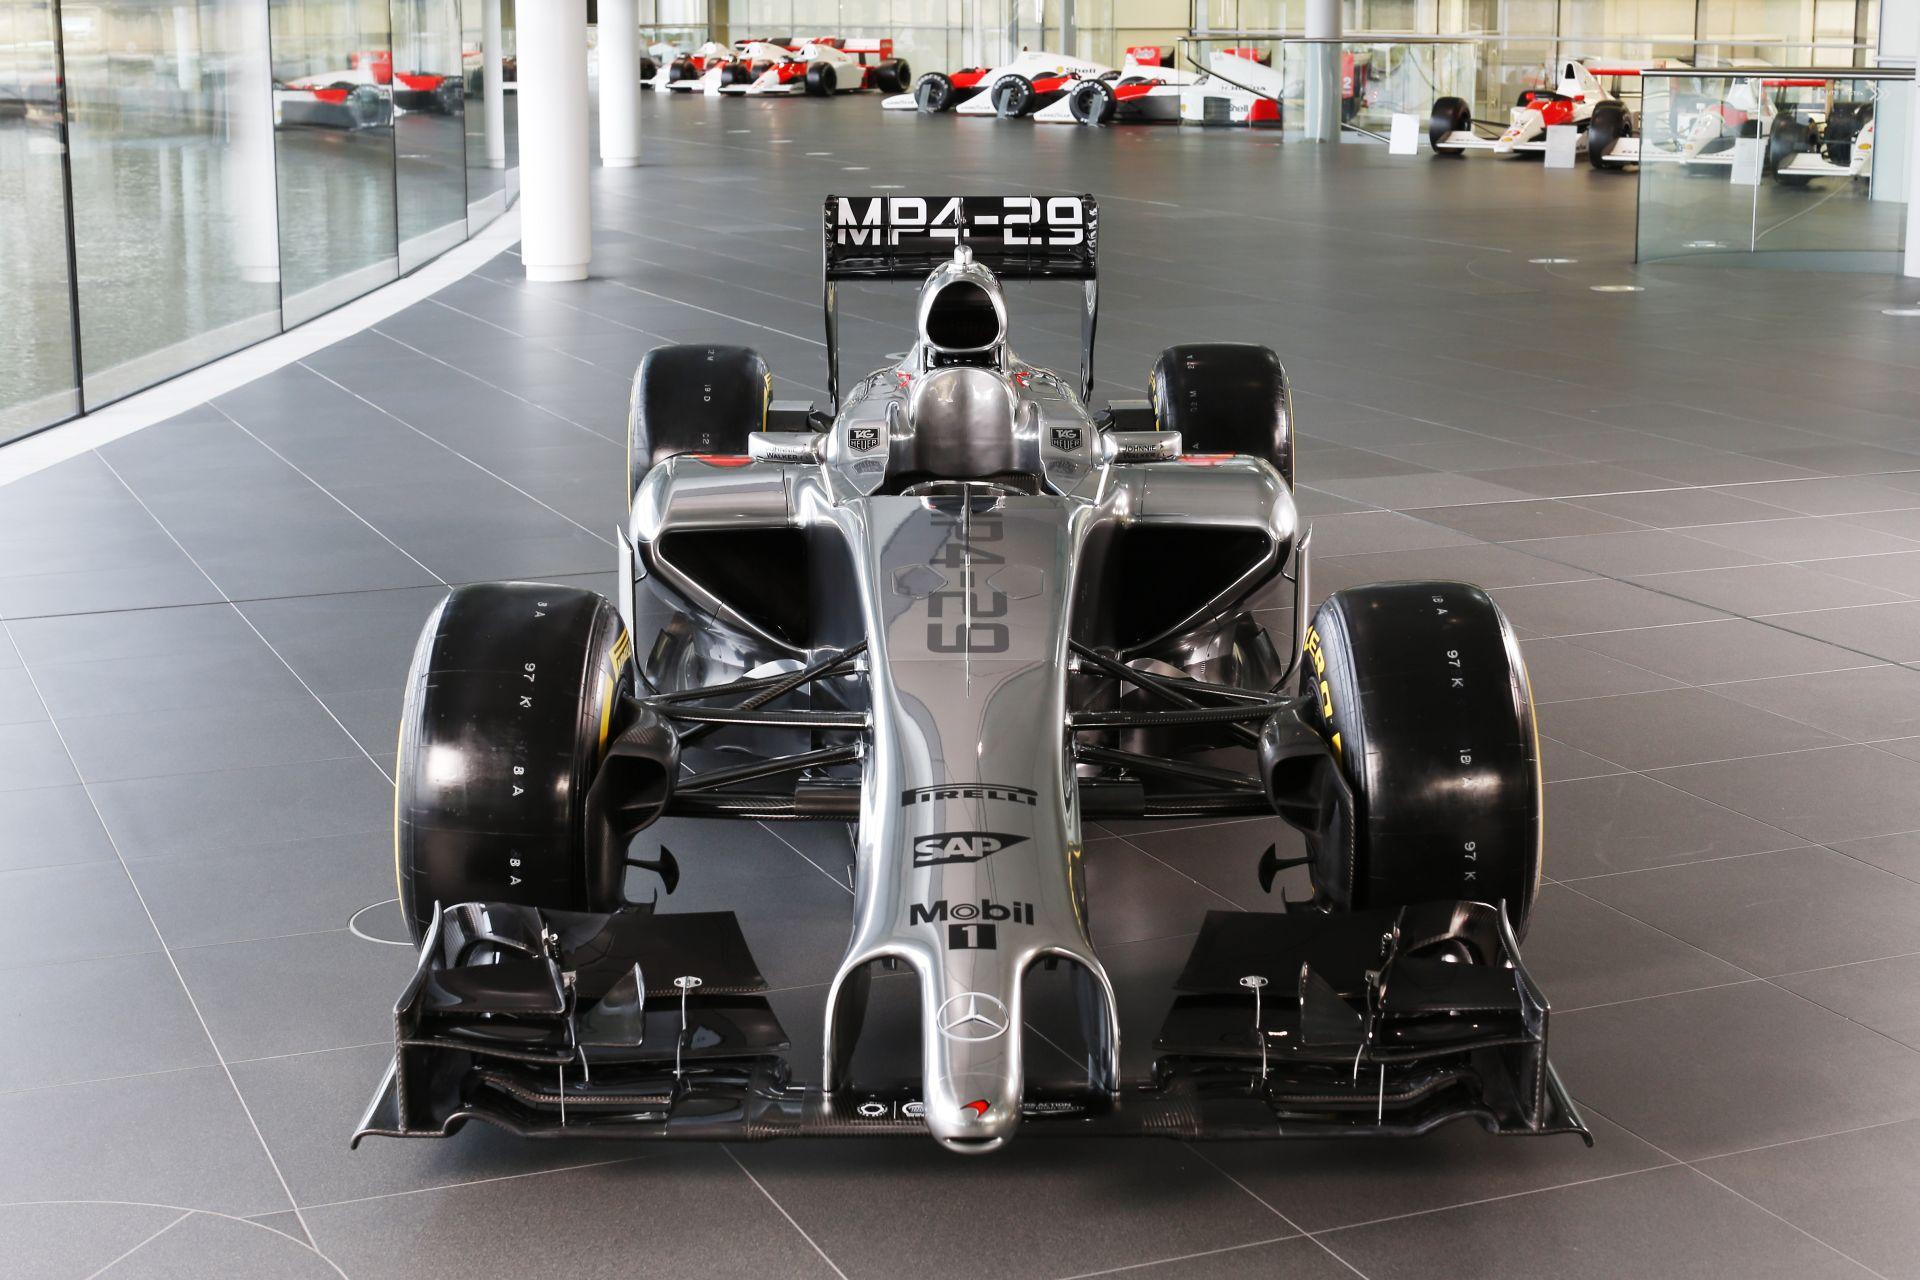 Tippelni is nehéz, hogy jövőre mekkora előnnyel indulhat a McLaren-Honda